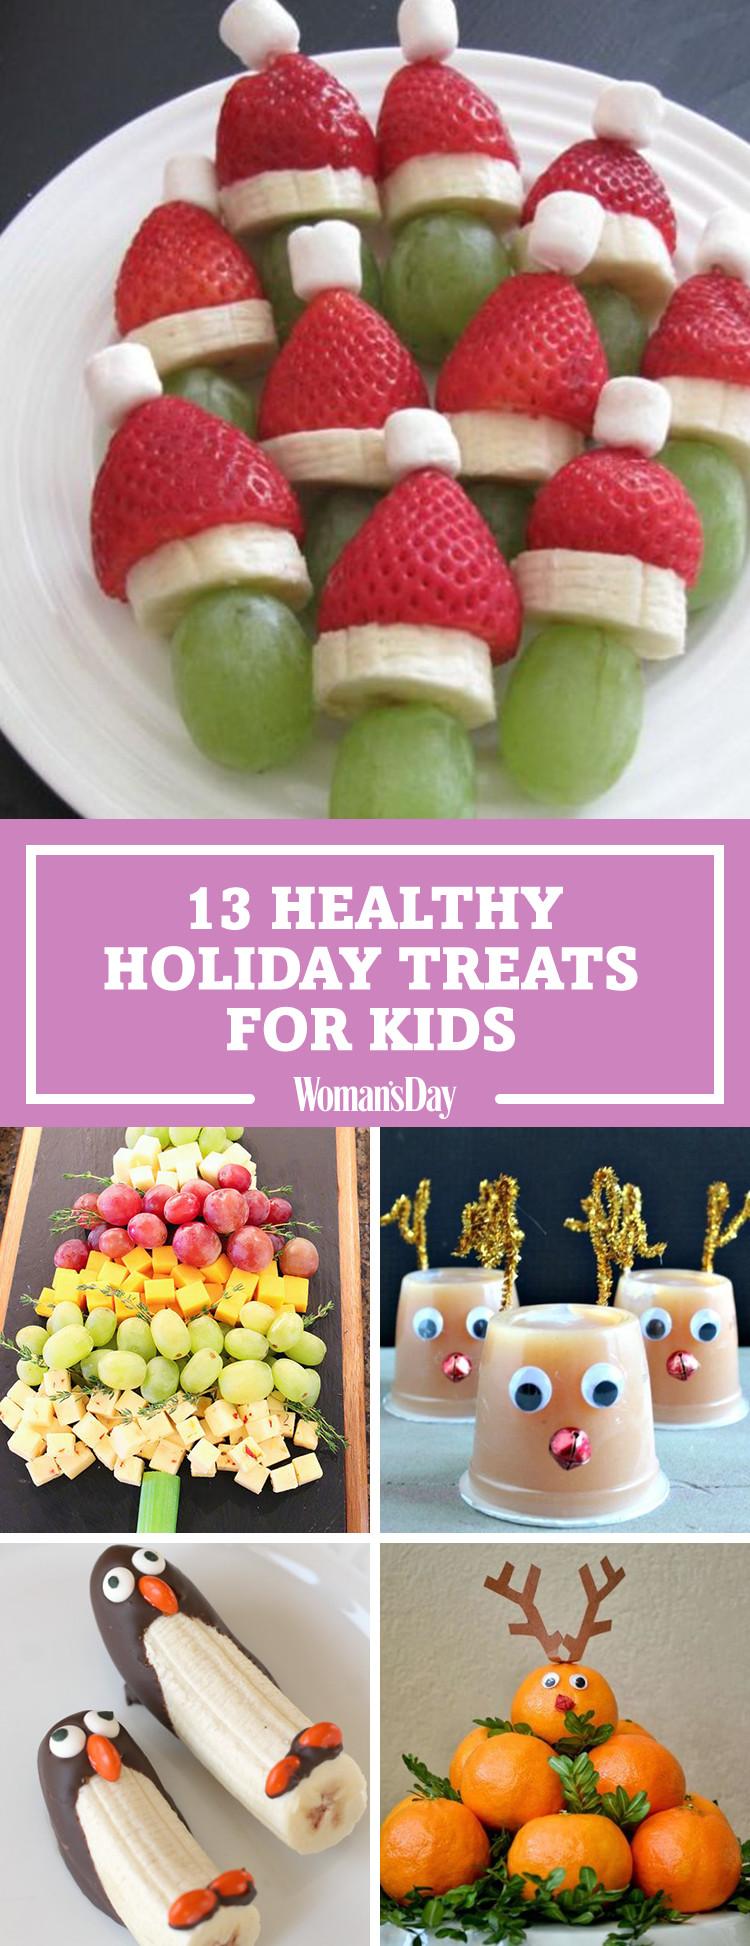 Healthy Snacks To Make At Home  Holiday Treats To Make At Home